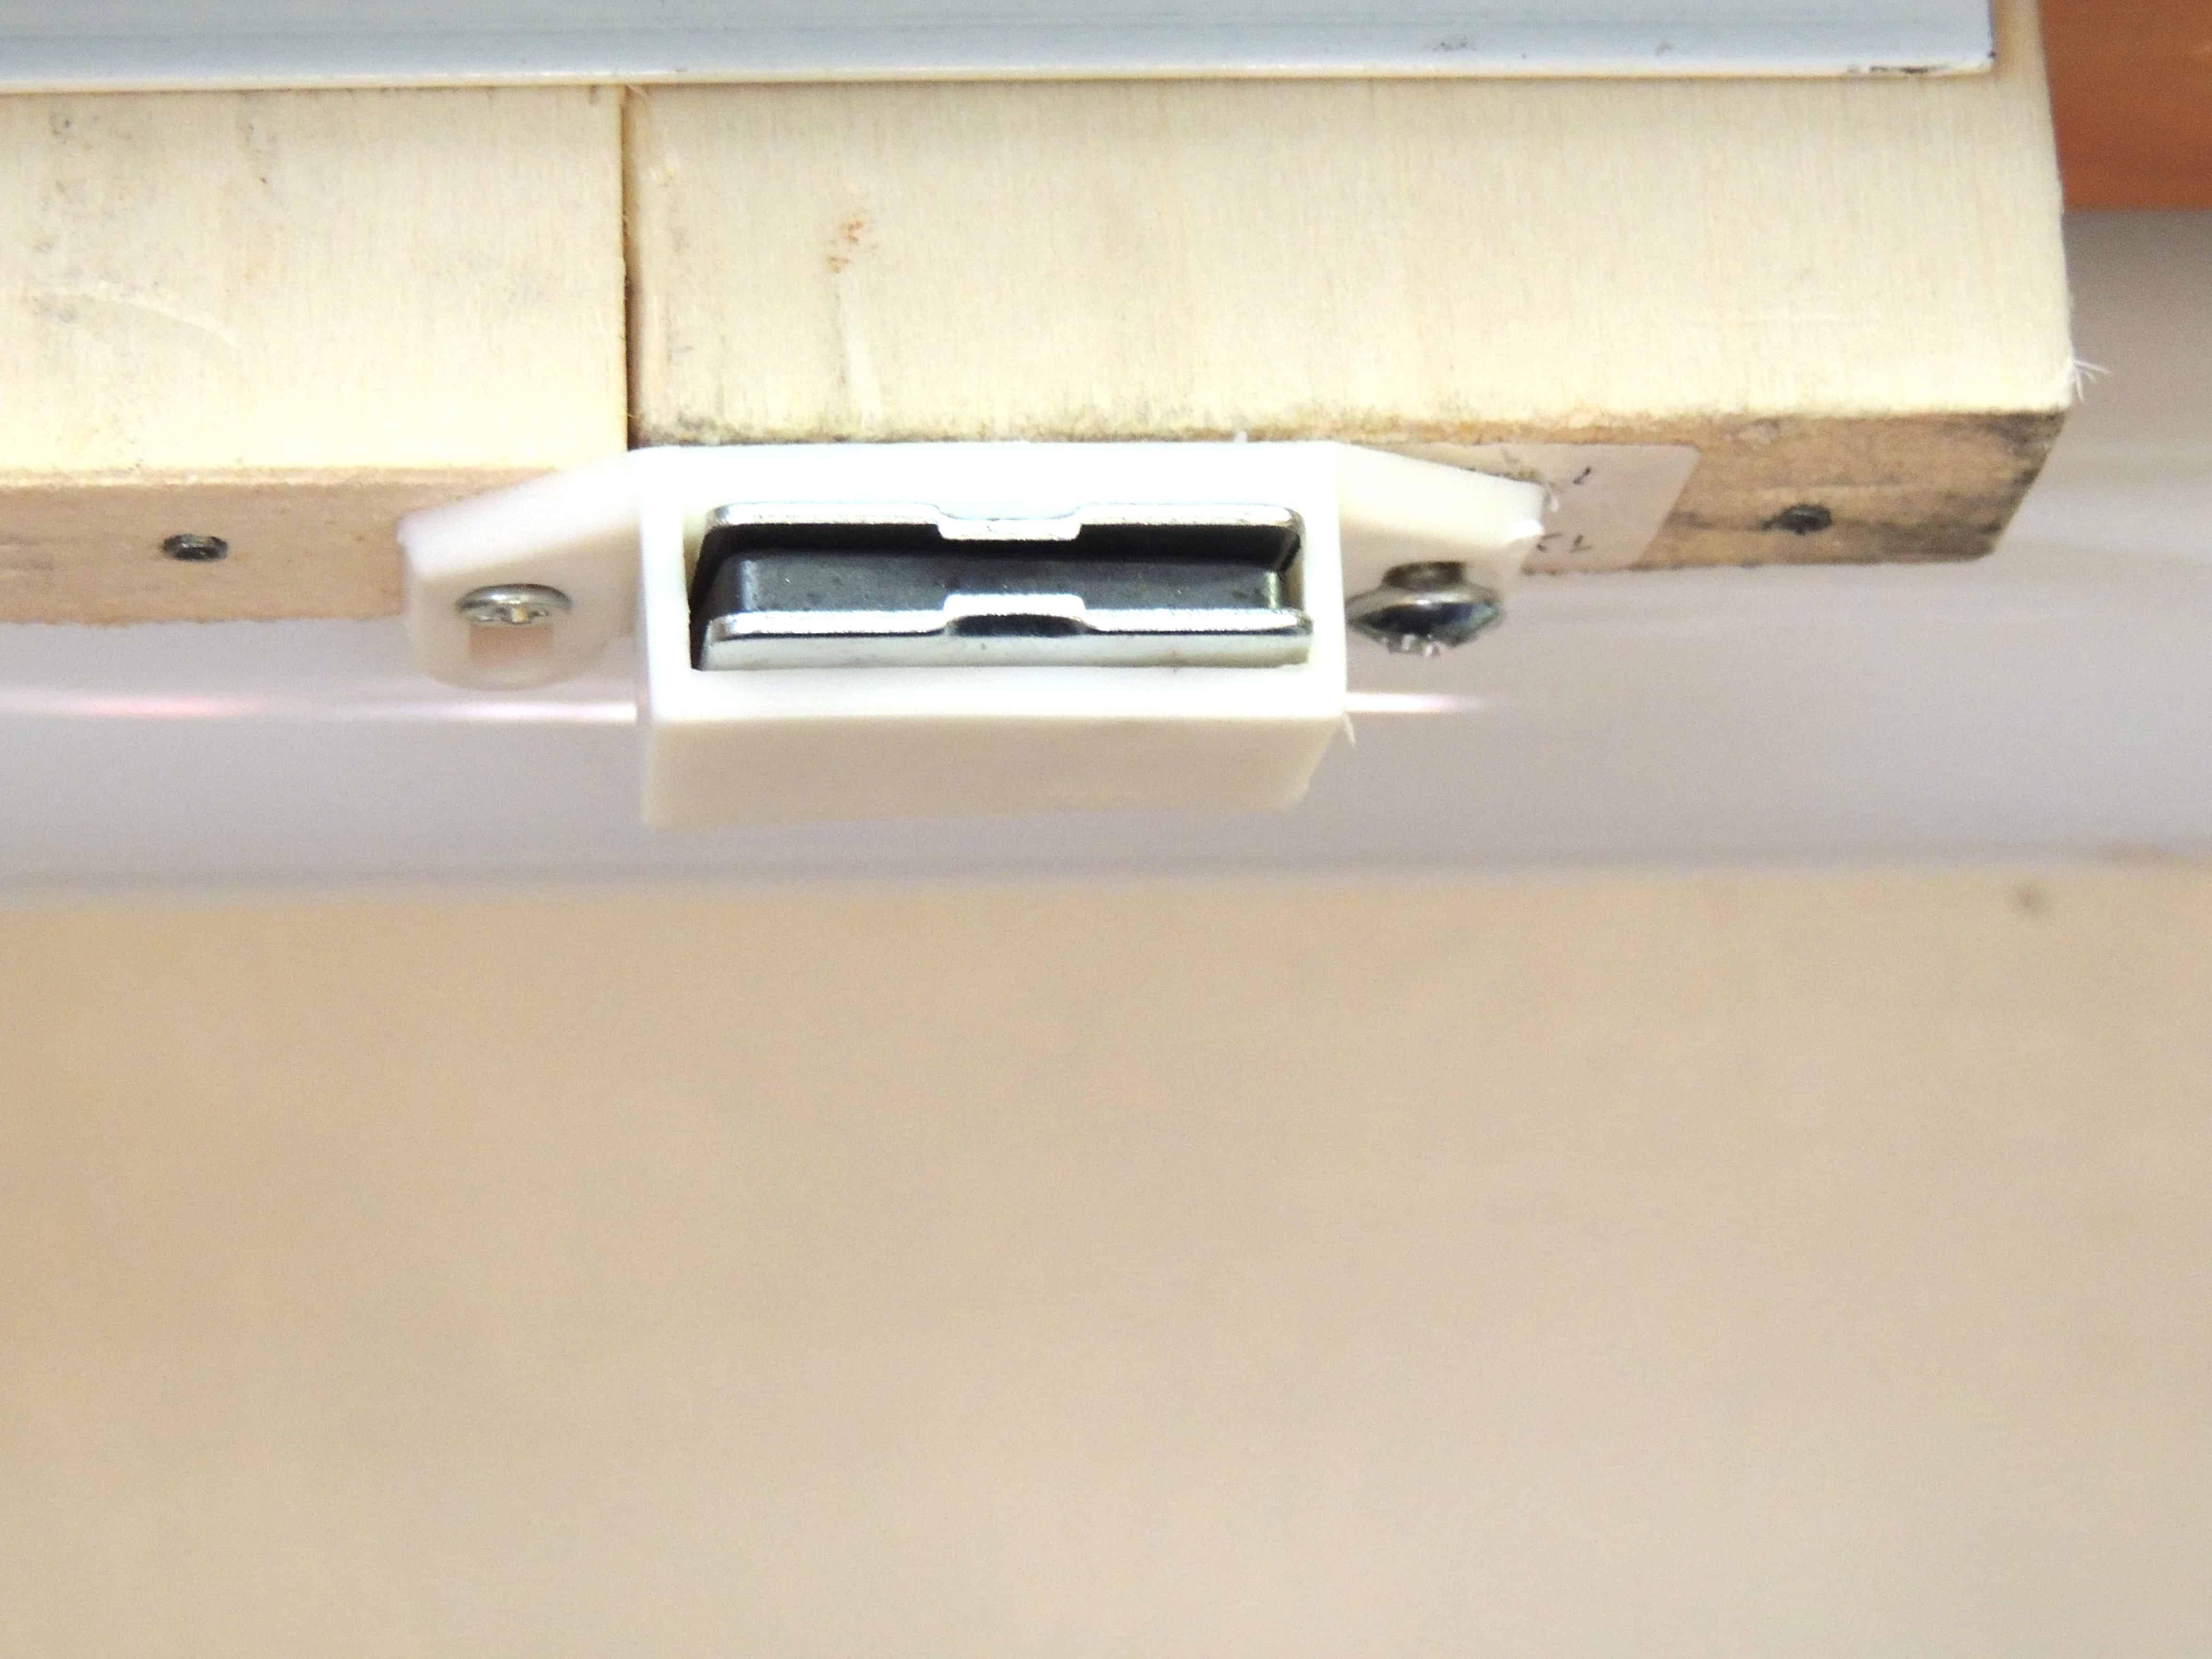 magnetic catch for door